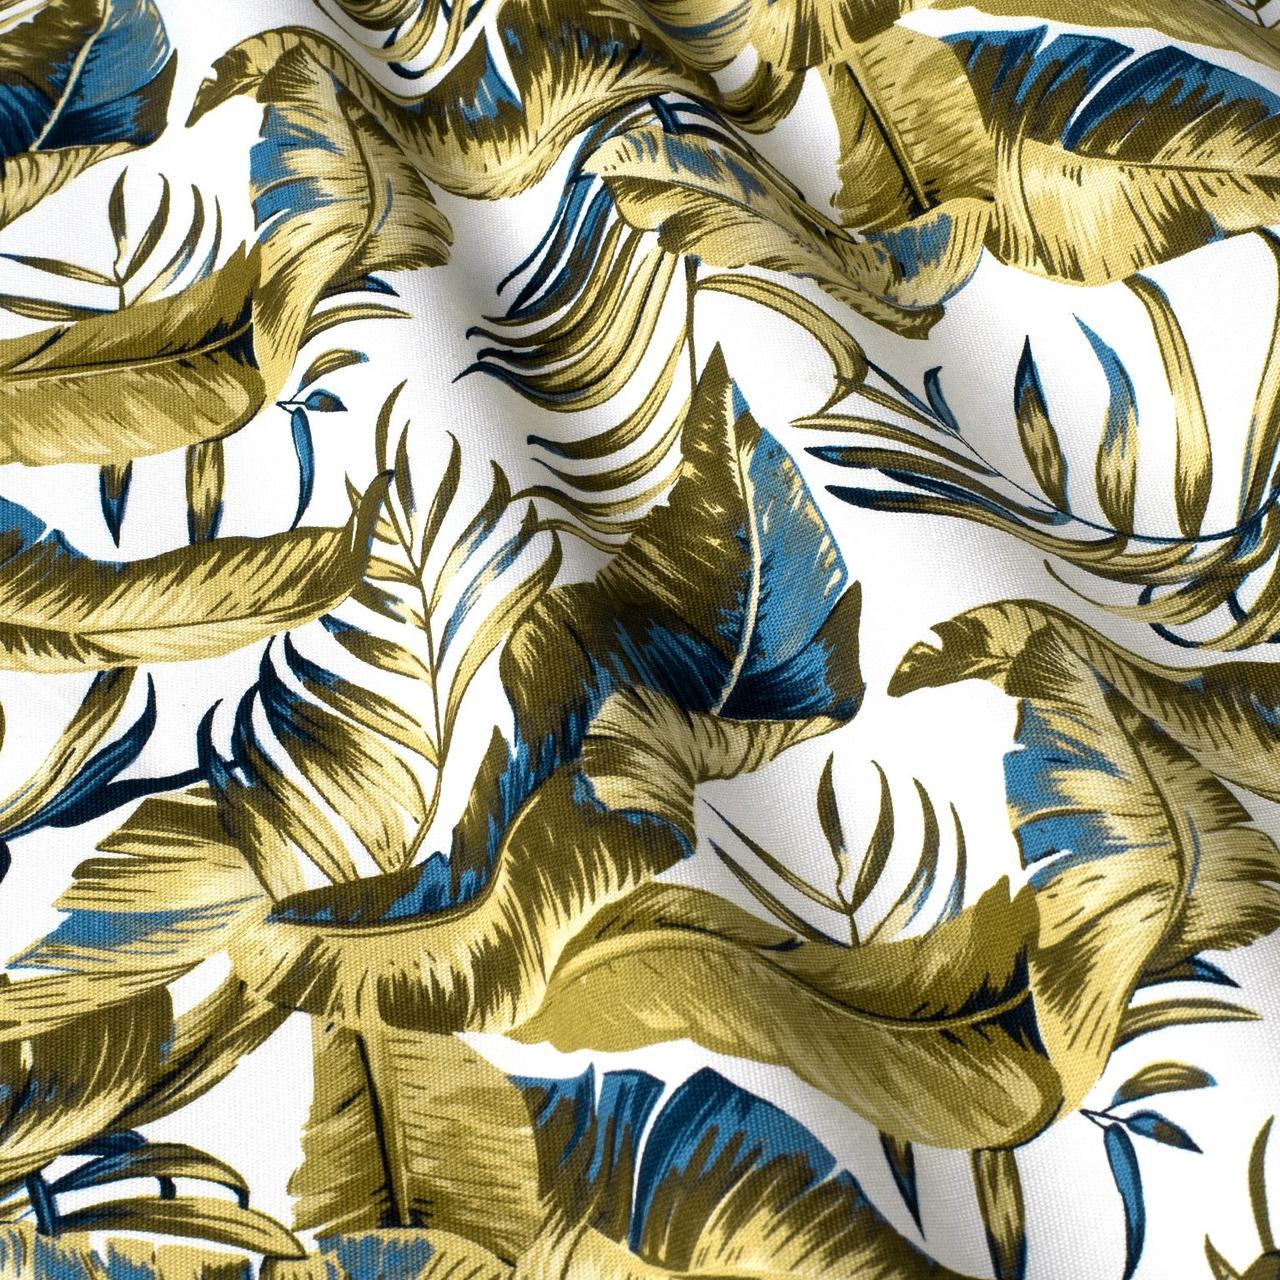 Декоративна тканина тропічні листя оливкові з тефлоновим просоченням Туреччина 87843v2